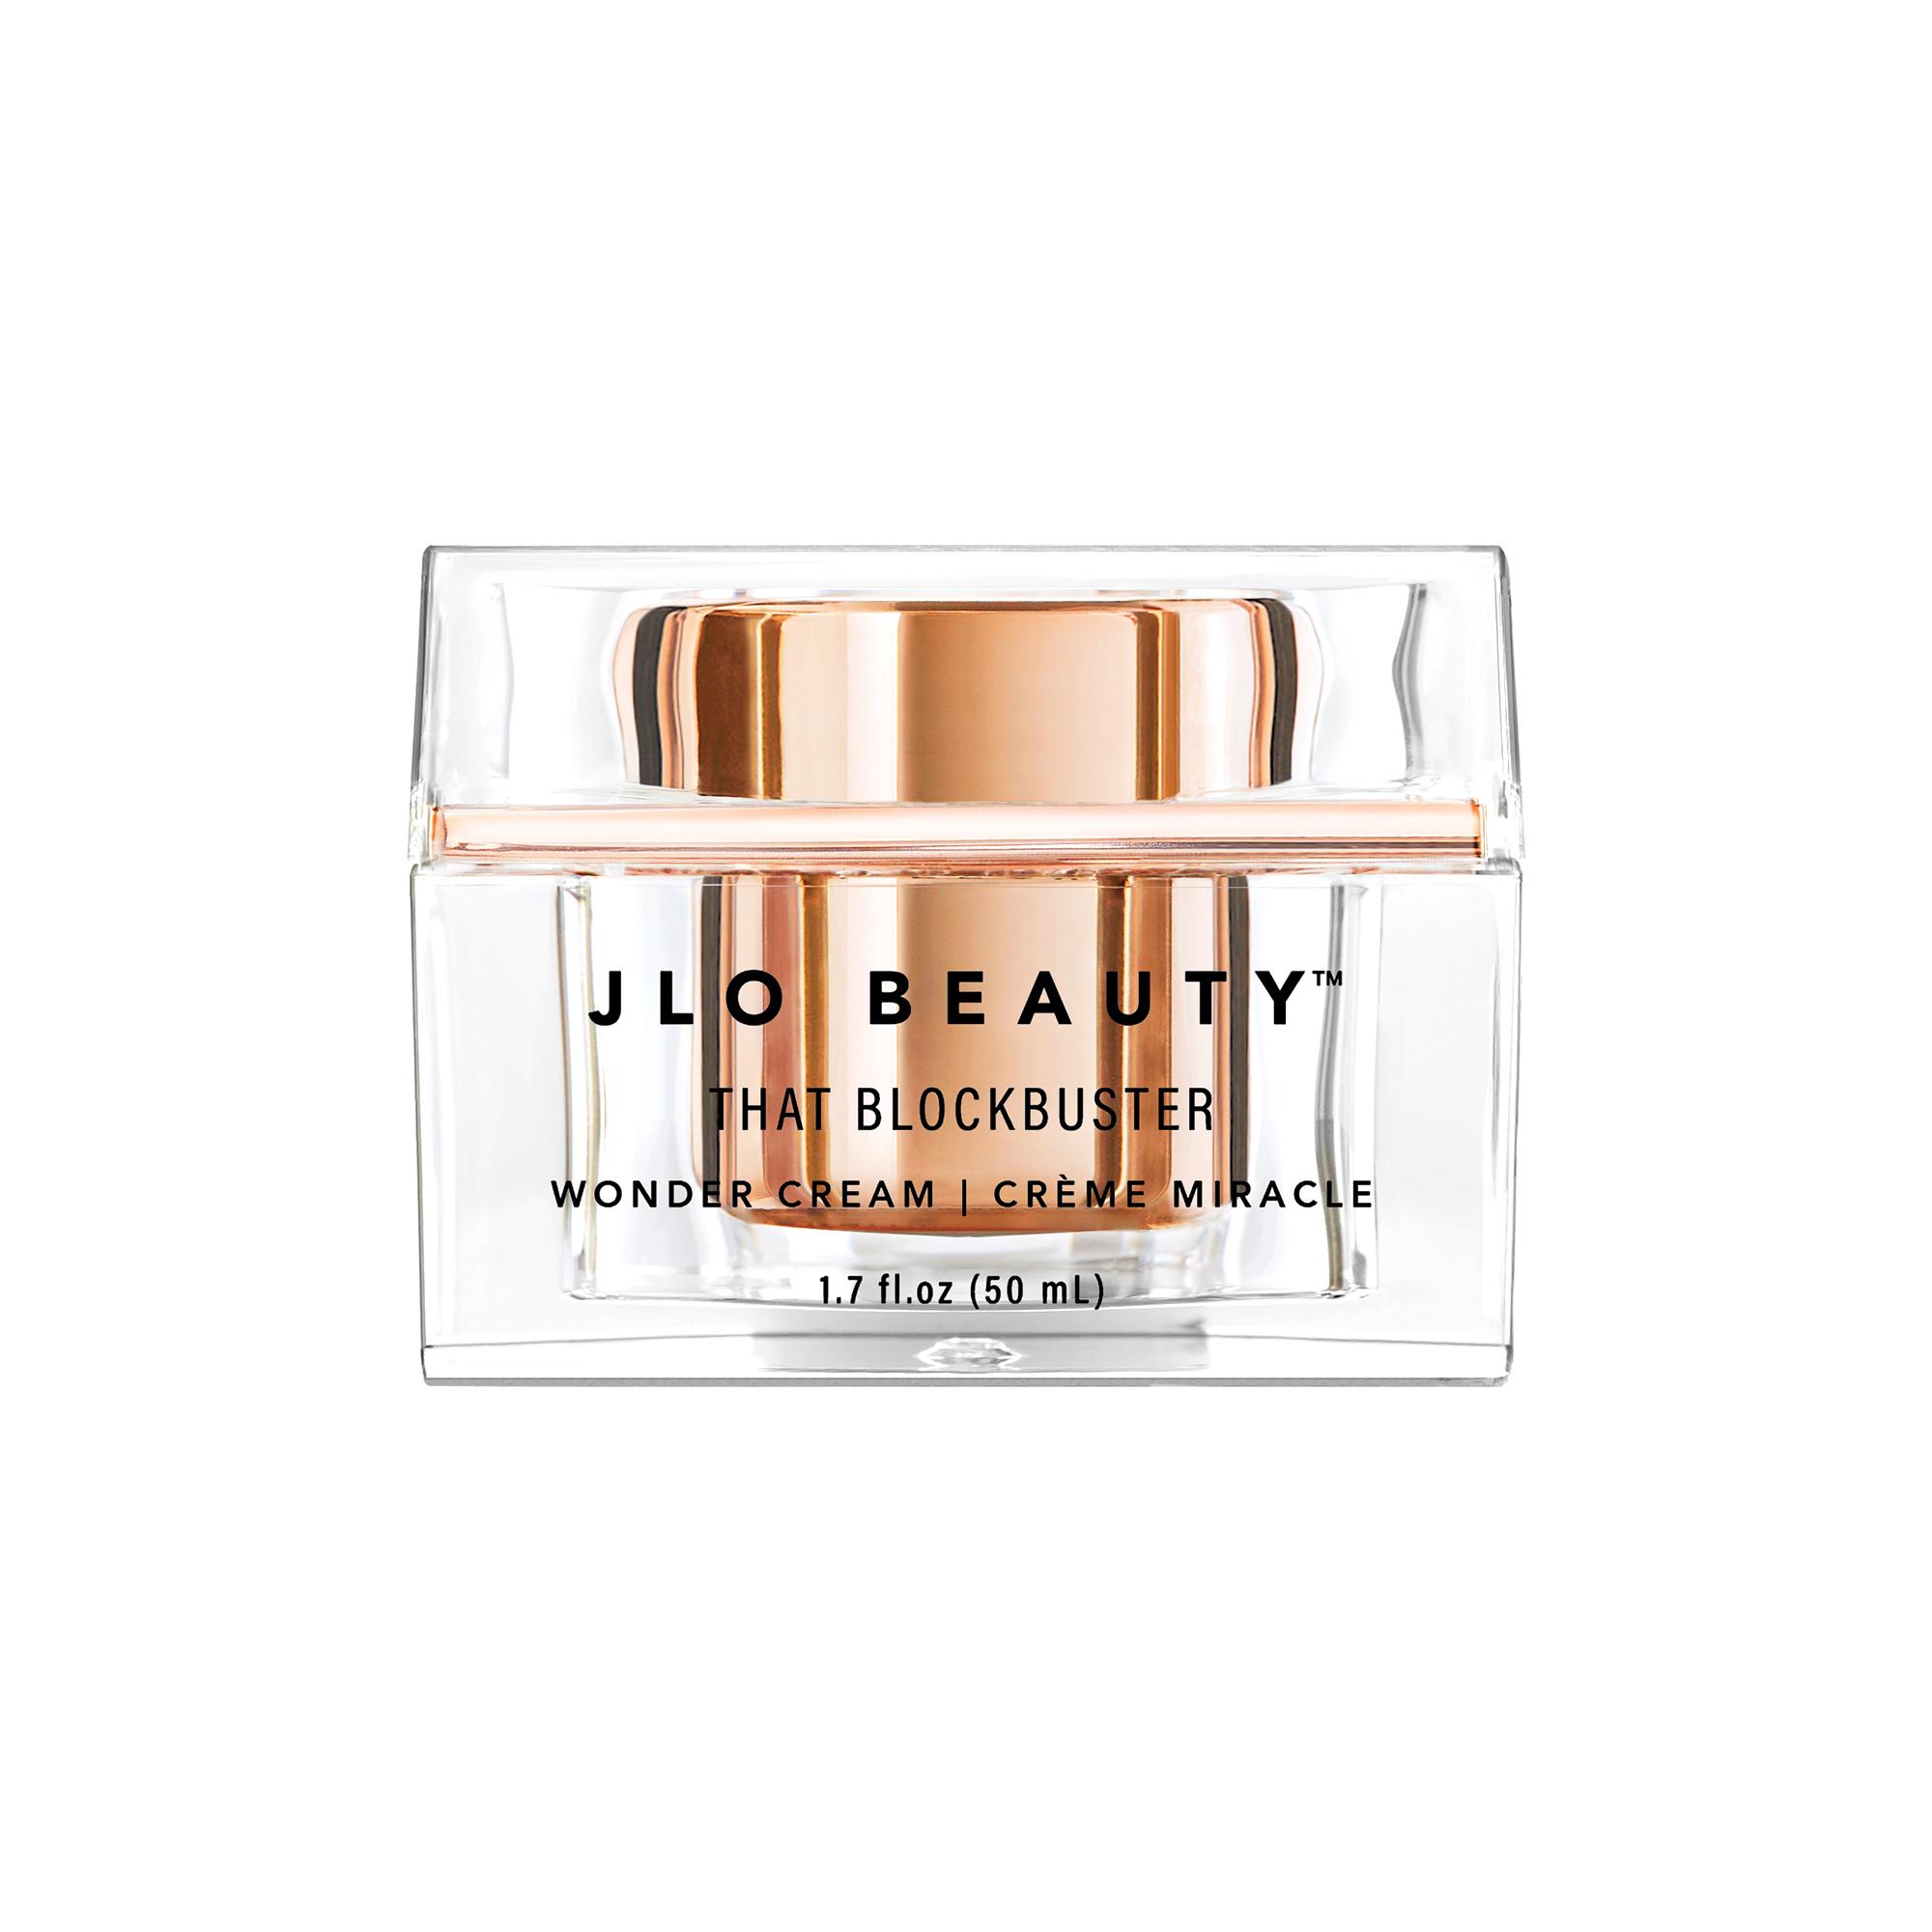 Jlo Beauty, Jennifer Lopez linea de belleza, productos de belleza